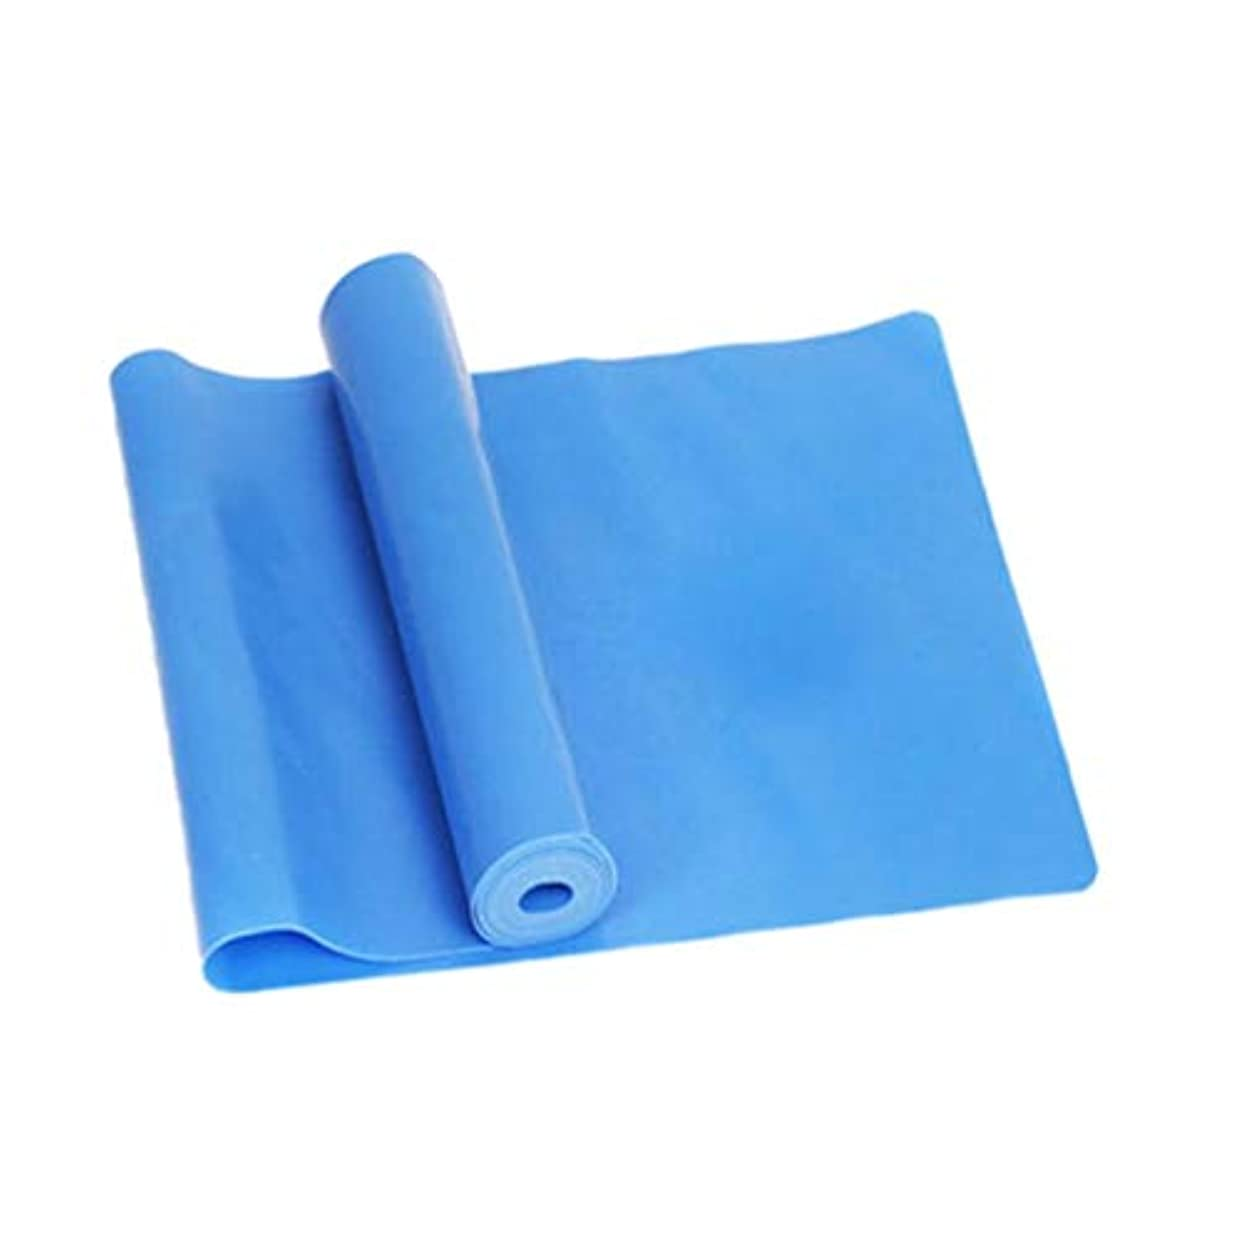 指紋乏しいすでにスポーツジムフィットネスヨガ機器筋力トレーニング弾性抵抗バンドトレーニングヨガゴムループスポーツピラティスバンド-ブルー